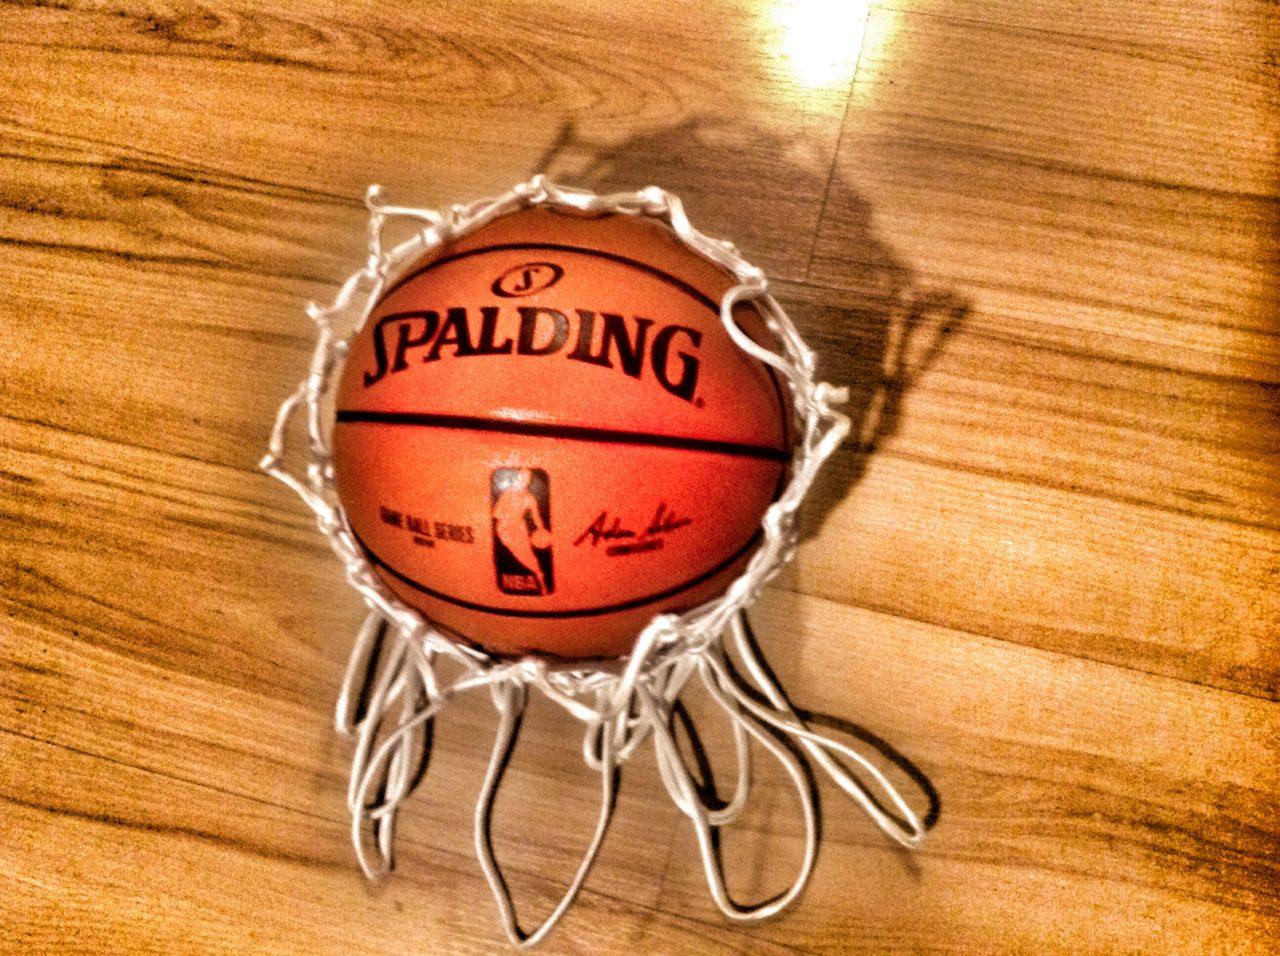 Nueva temporada NBA 2014/2015. ¿Reeditará la dinastía de los Spurs el anillo?